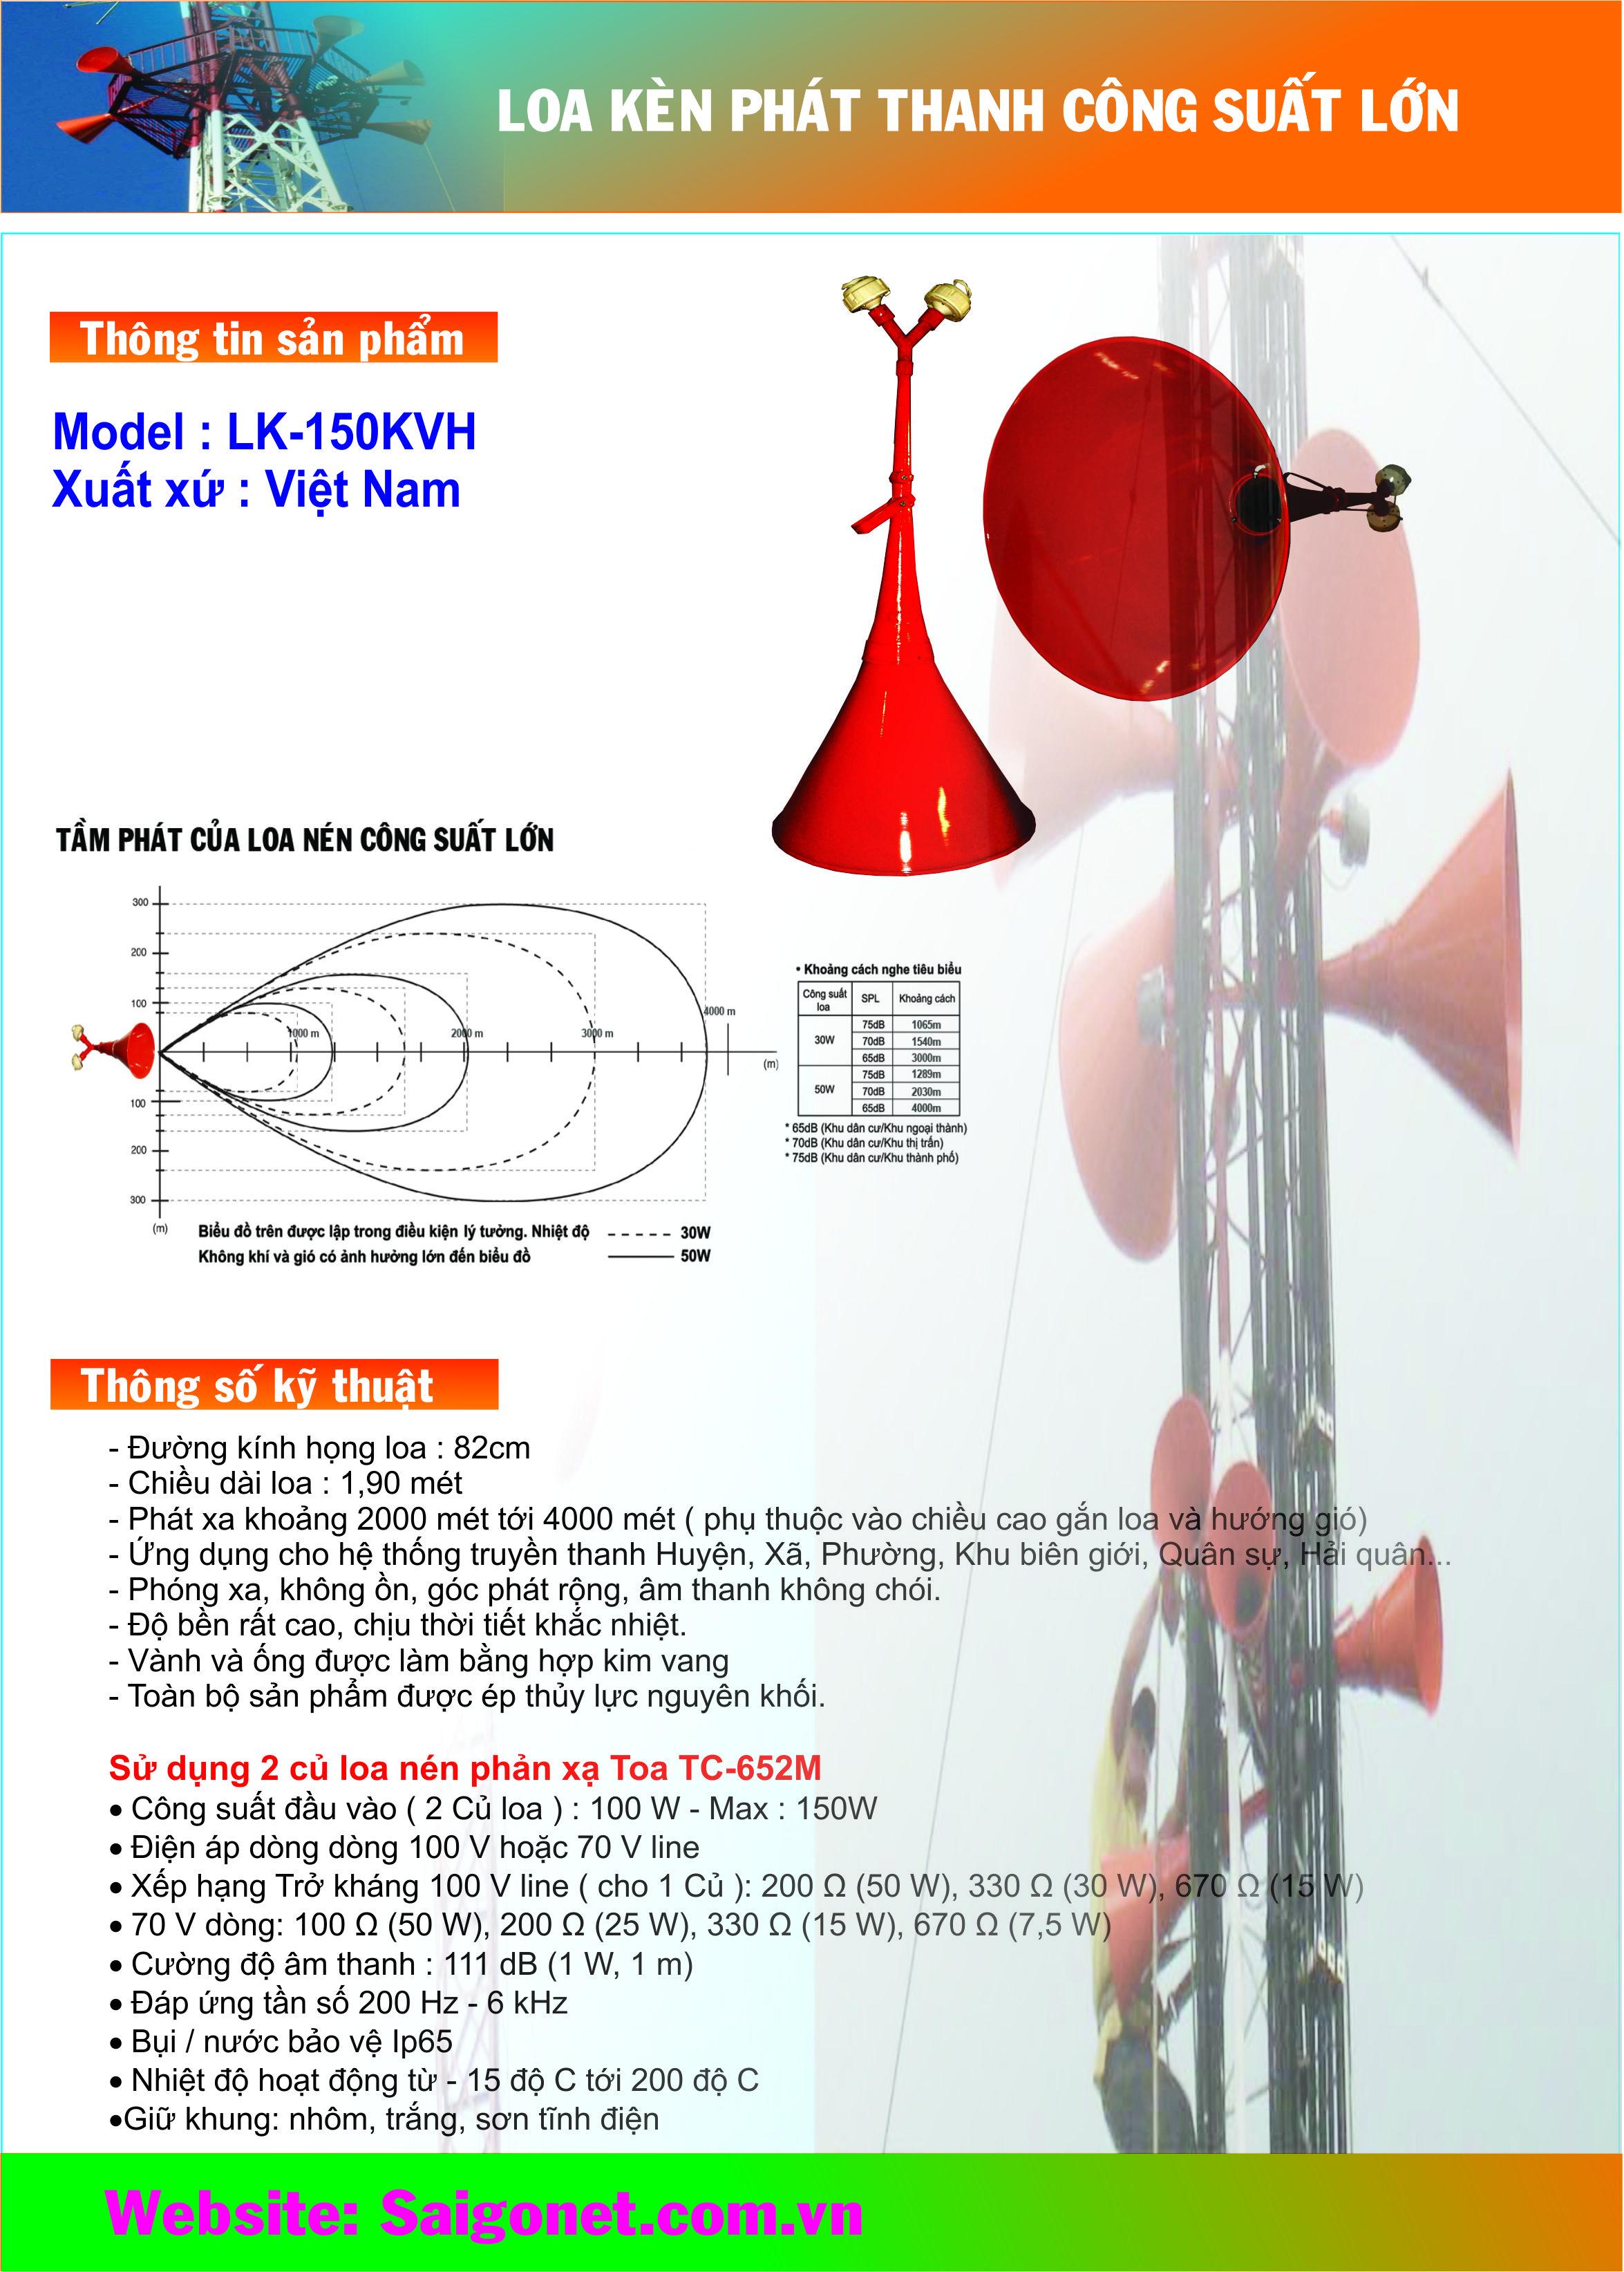 Loa kèn phát thanh 100W LK-150KVH